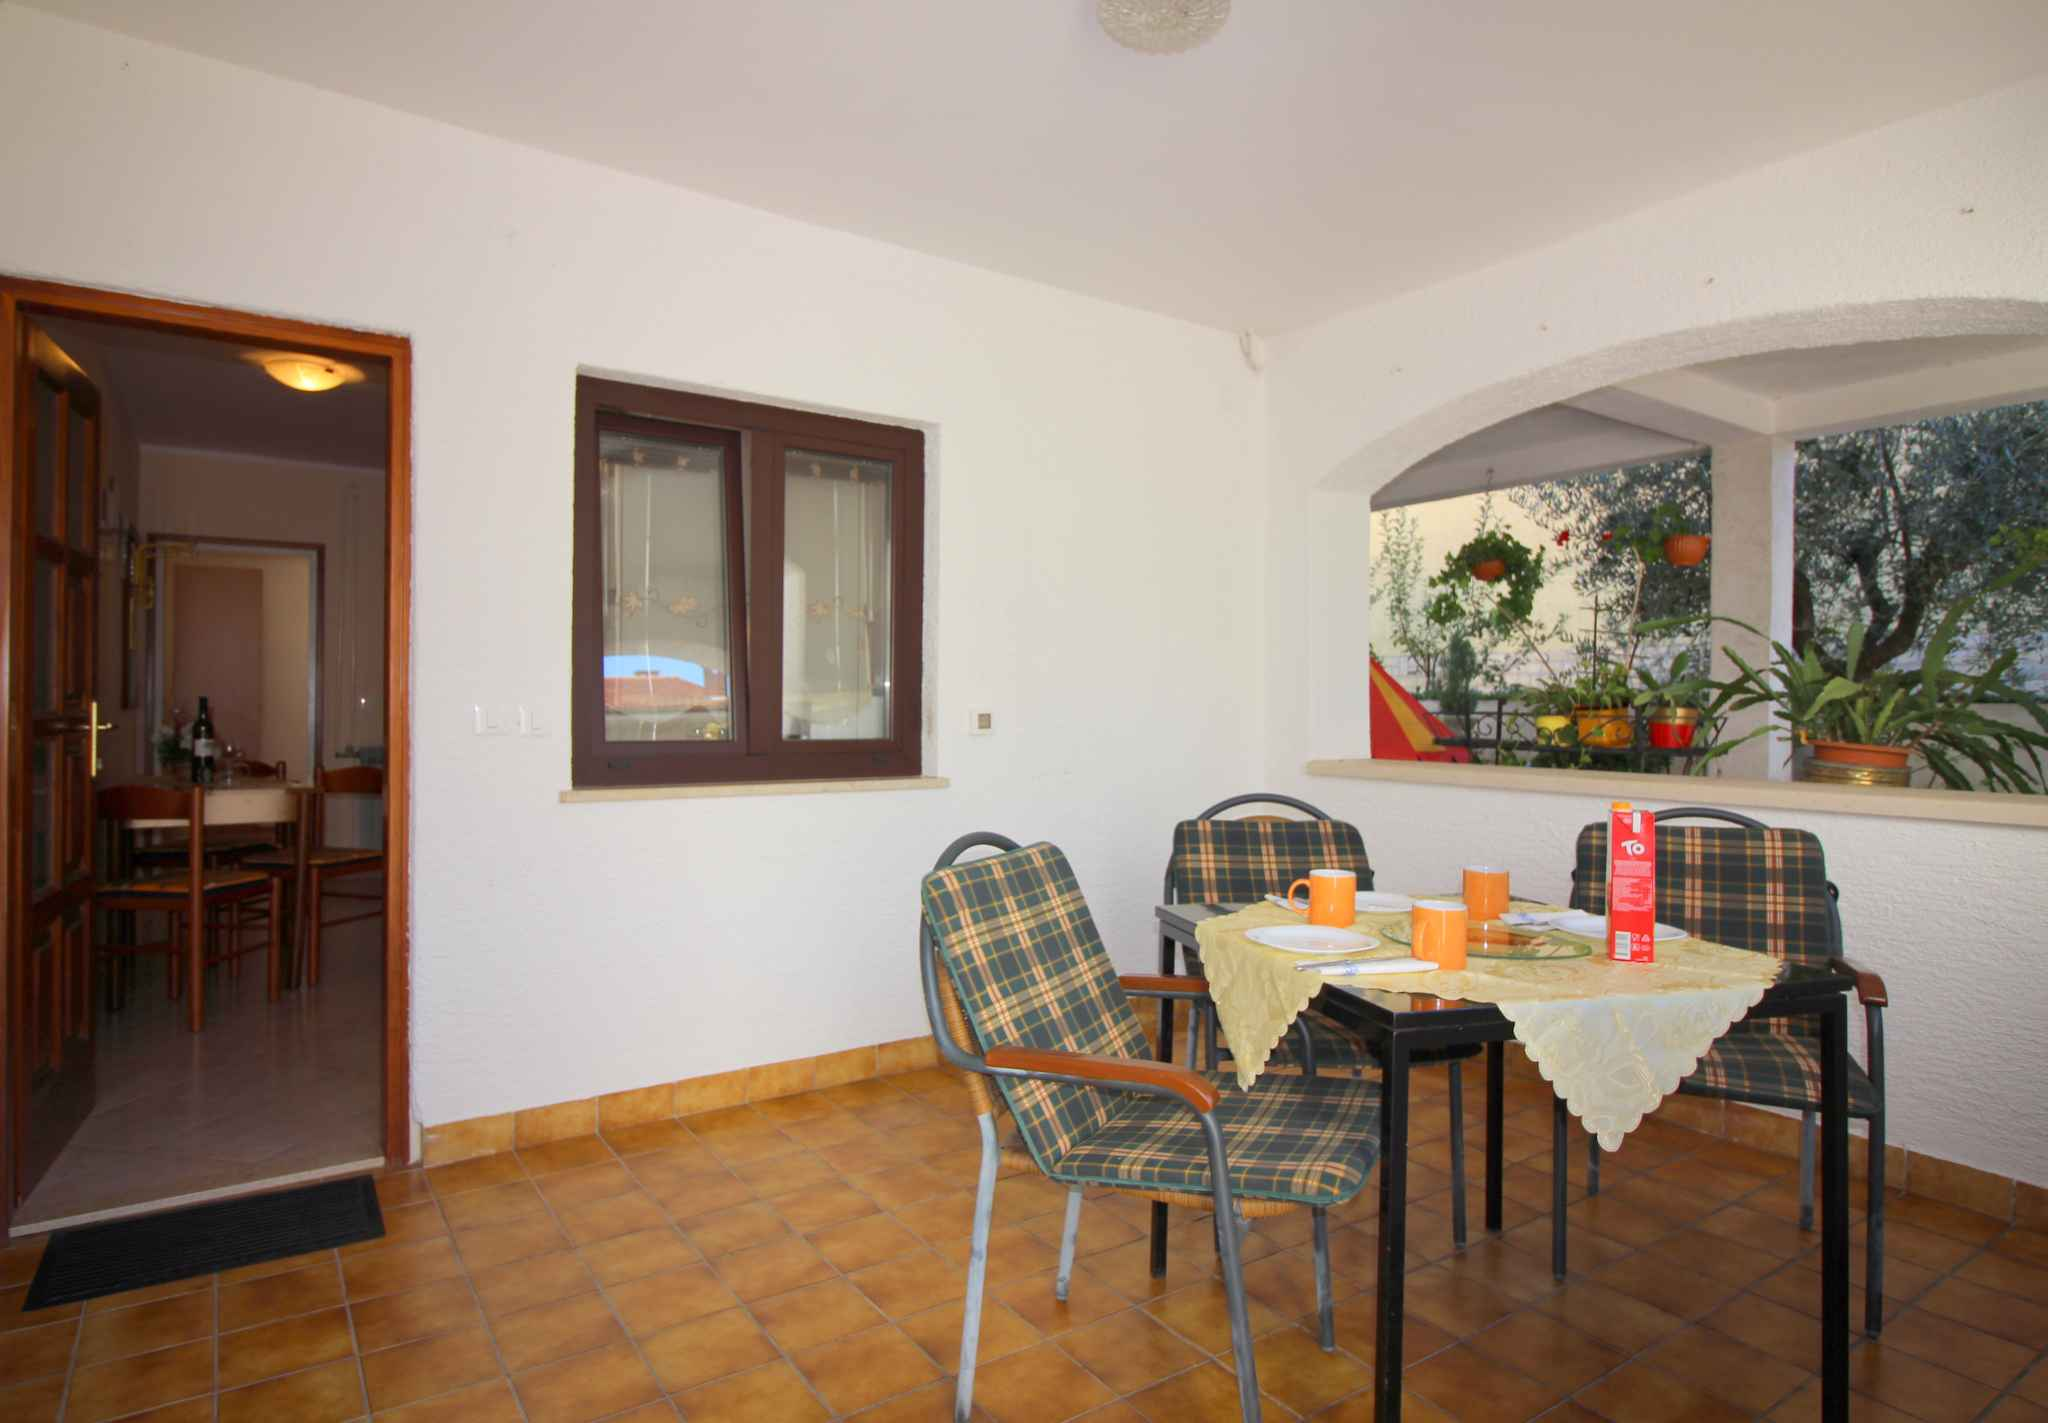 Ferienwohnung mit Wlan und schöner Terrasse (280336), Porec, , Istrien, Kroatien, Bild 9